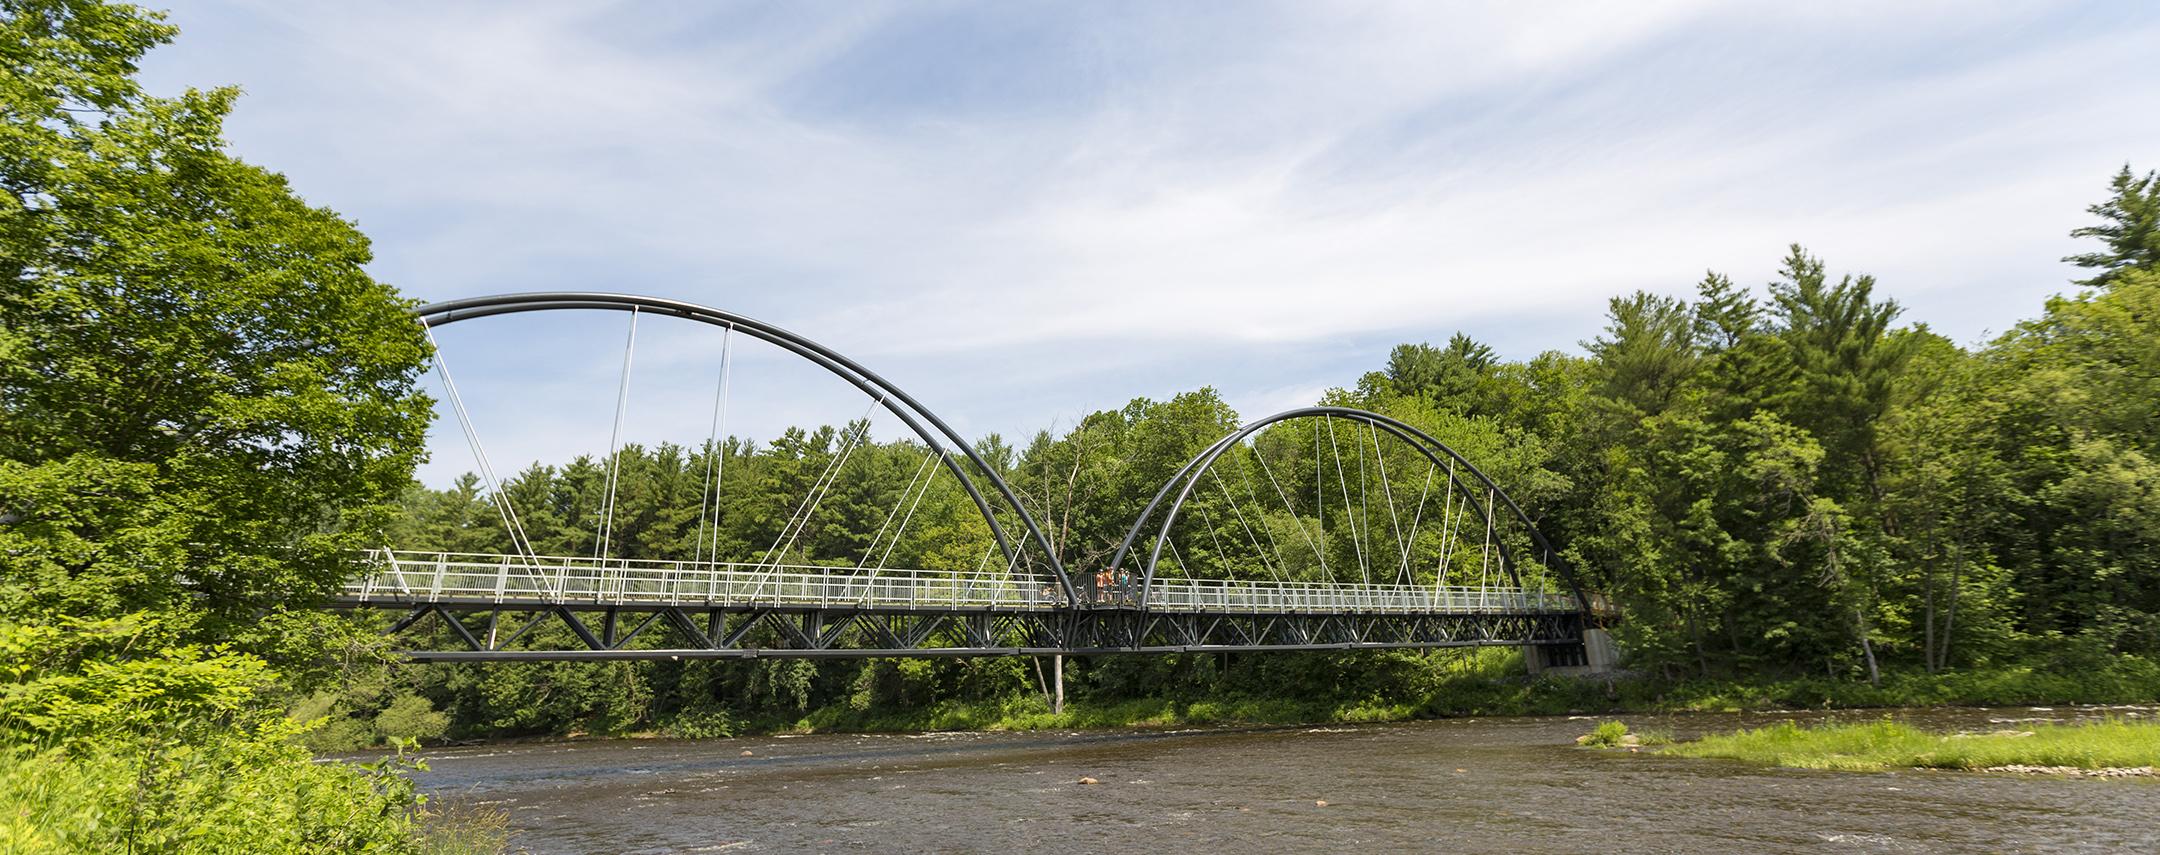 Île Vessot bridge